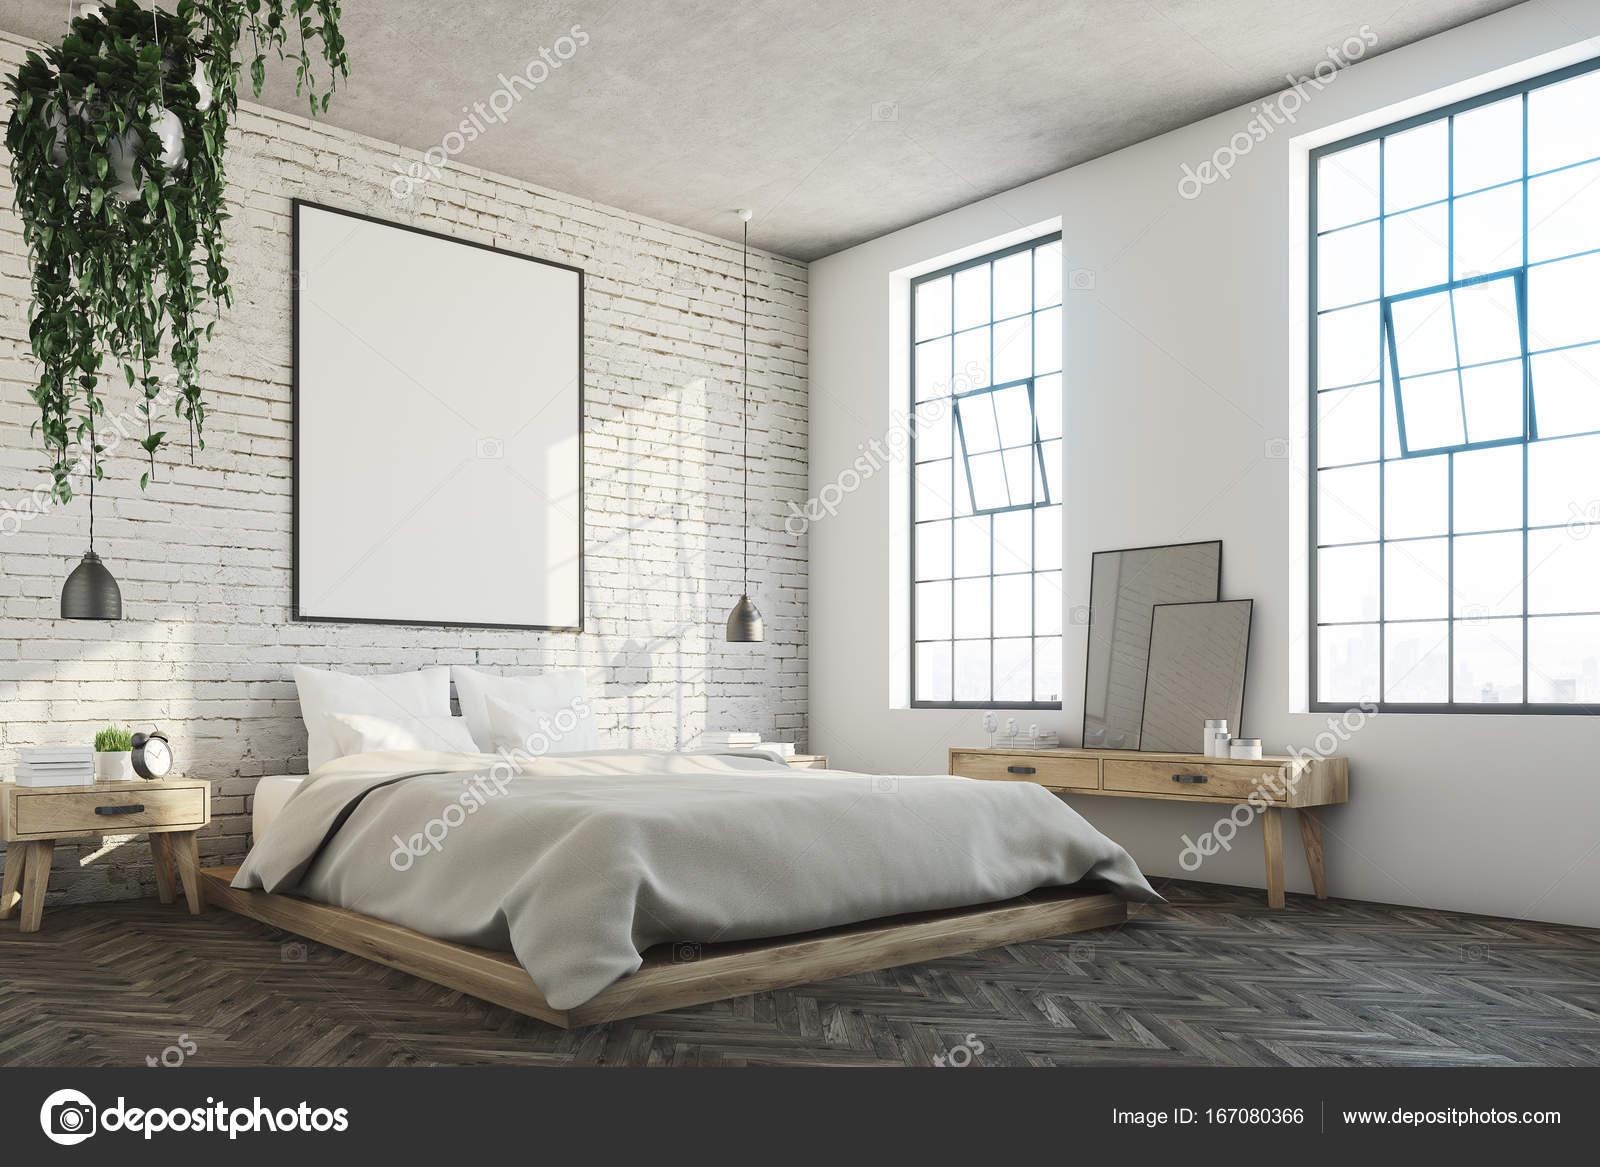 Camera da letto di mattoni bianchi angolo poster foto stock denisismagilov 167080366 - Poster camera da letto ...